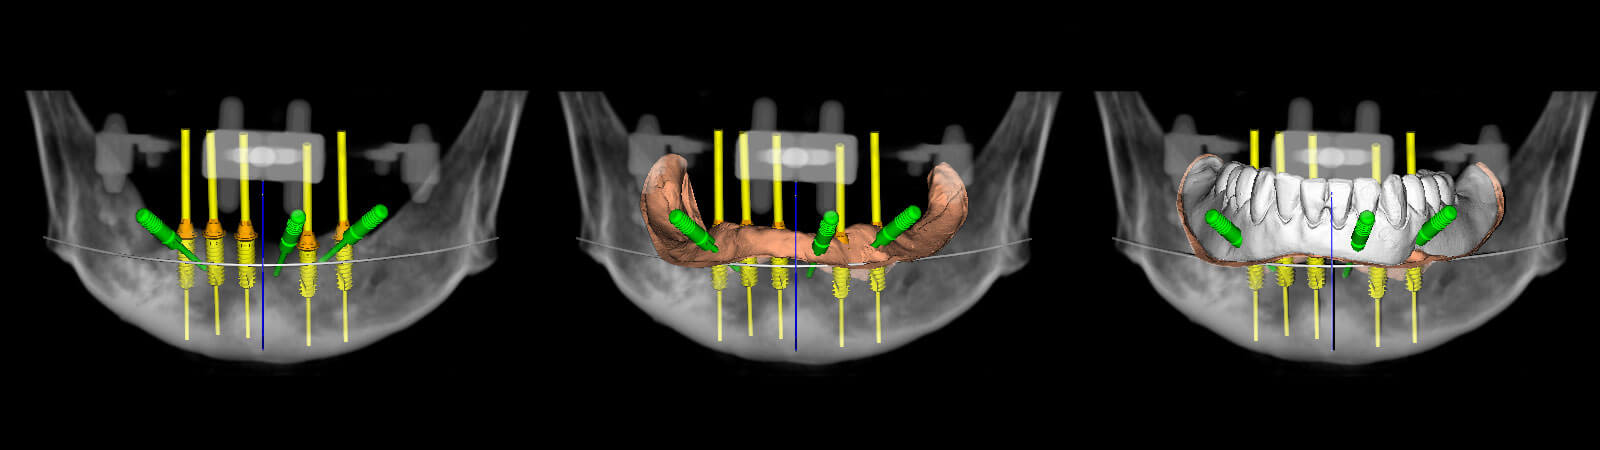 Implantologia Mini-invasiva | Studio Odontoiatrico Dr. Colombo Bolla - Dr. Brivio